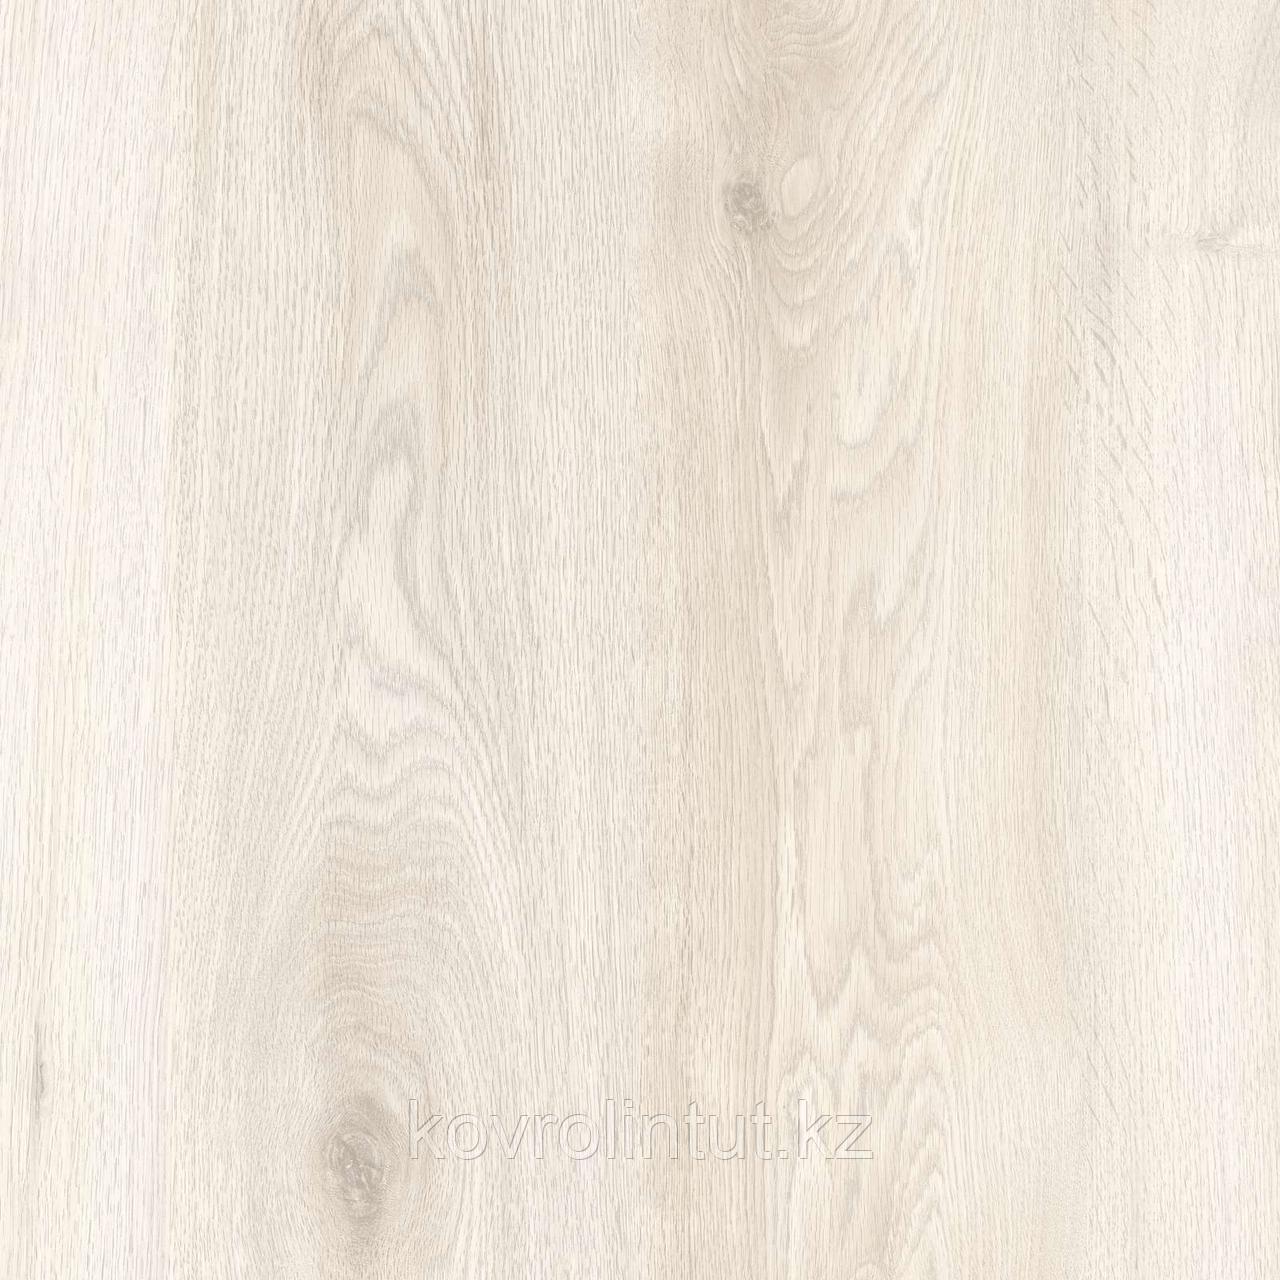 Плитка ПВХ клеевая IVC Ultimo Chapman Oak 24126Q